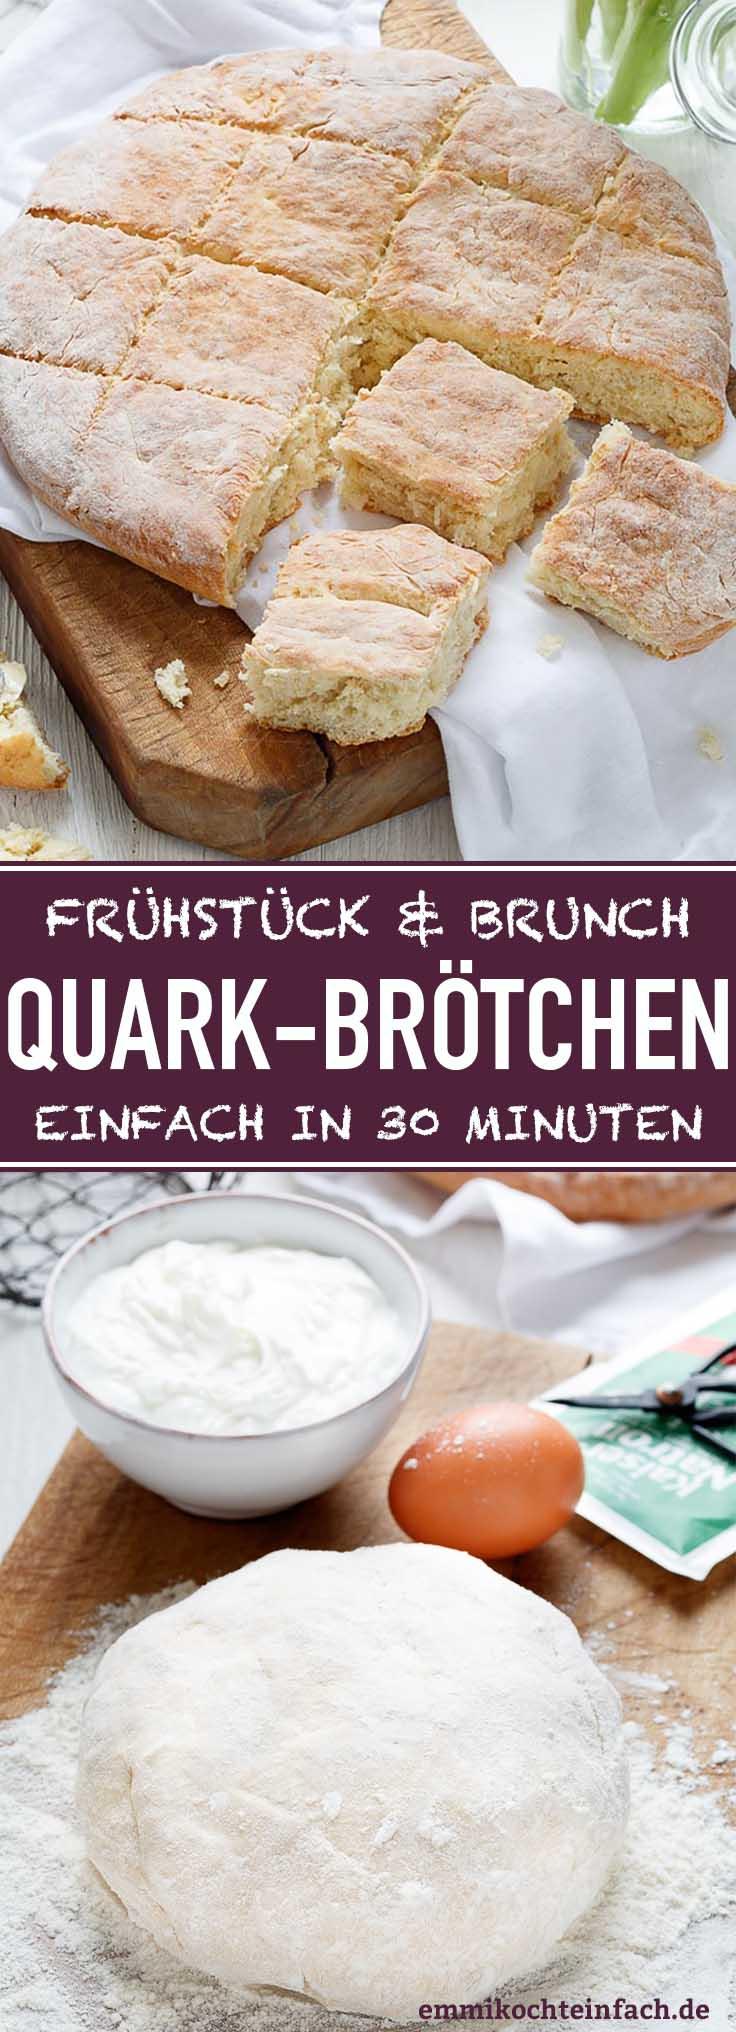 Einfache und schnelle Quarkbrötchen - www.emmikochteinfach.de